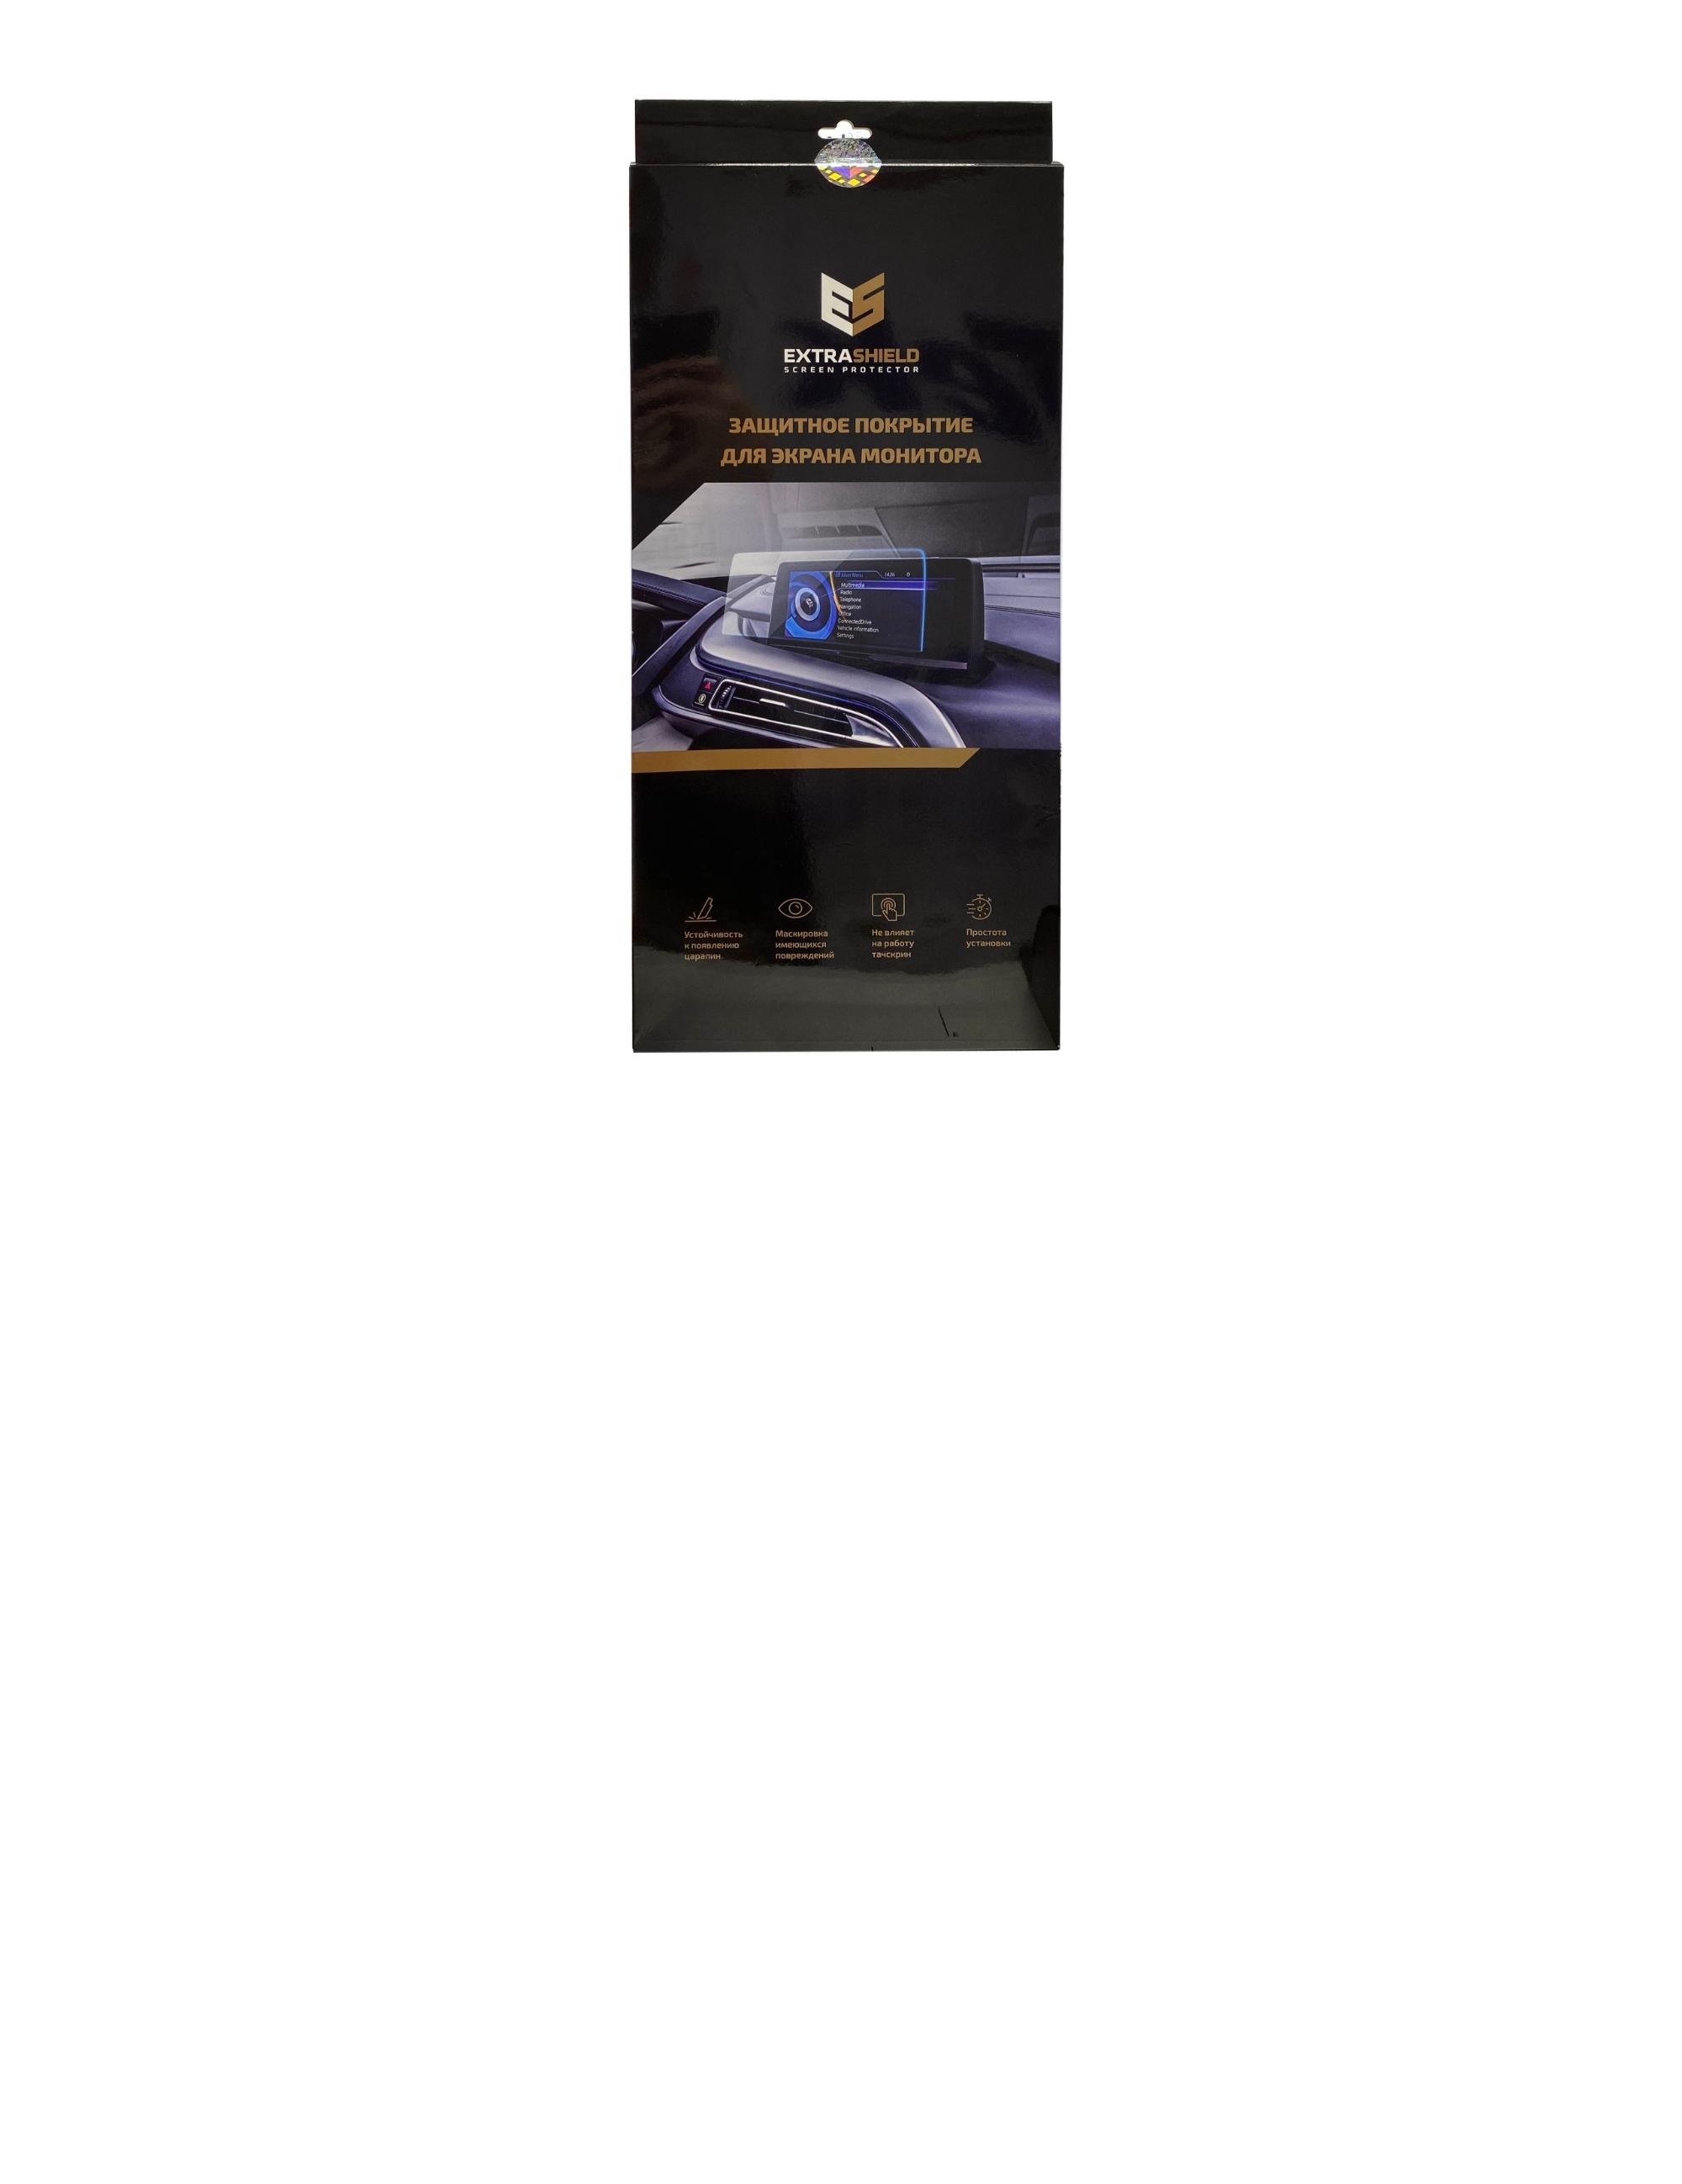 Audi A6 (С8) 2018 - н.в. приборная панель Audi Virtual Cockpit 12.3 Защитное стекло Глянец